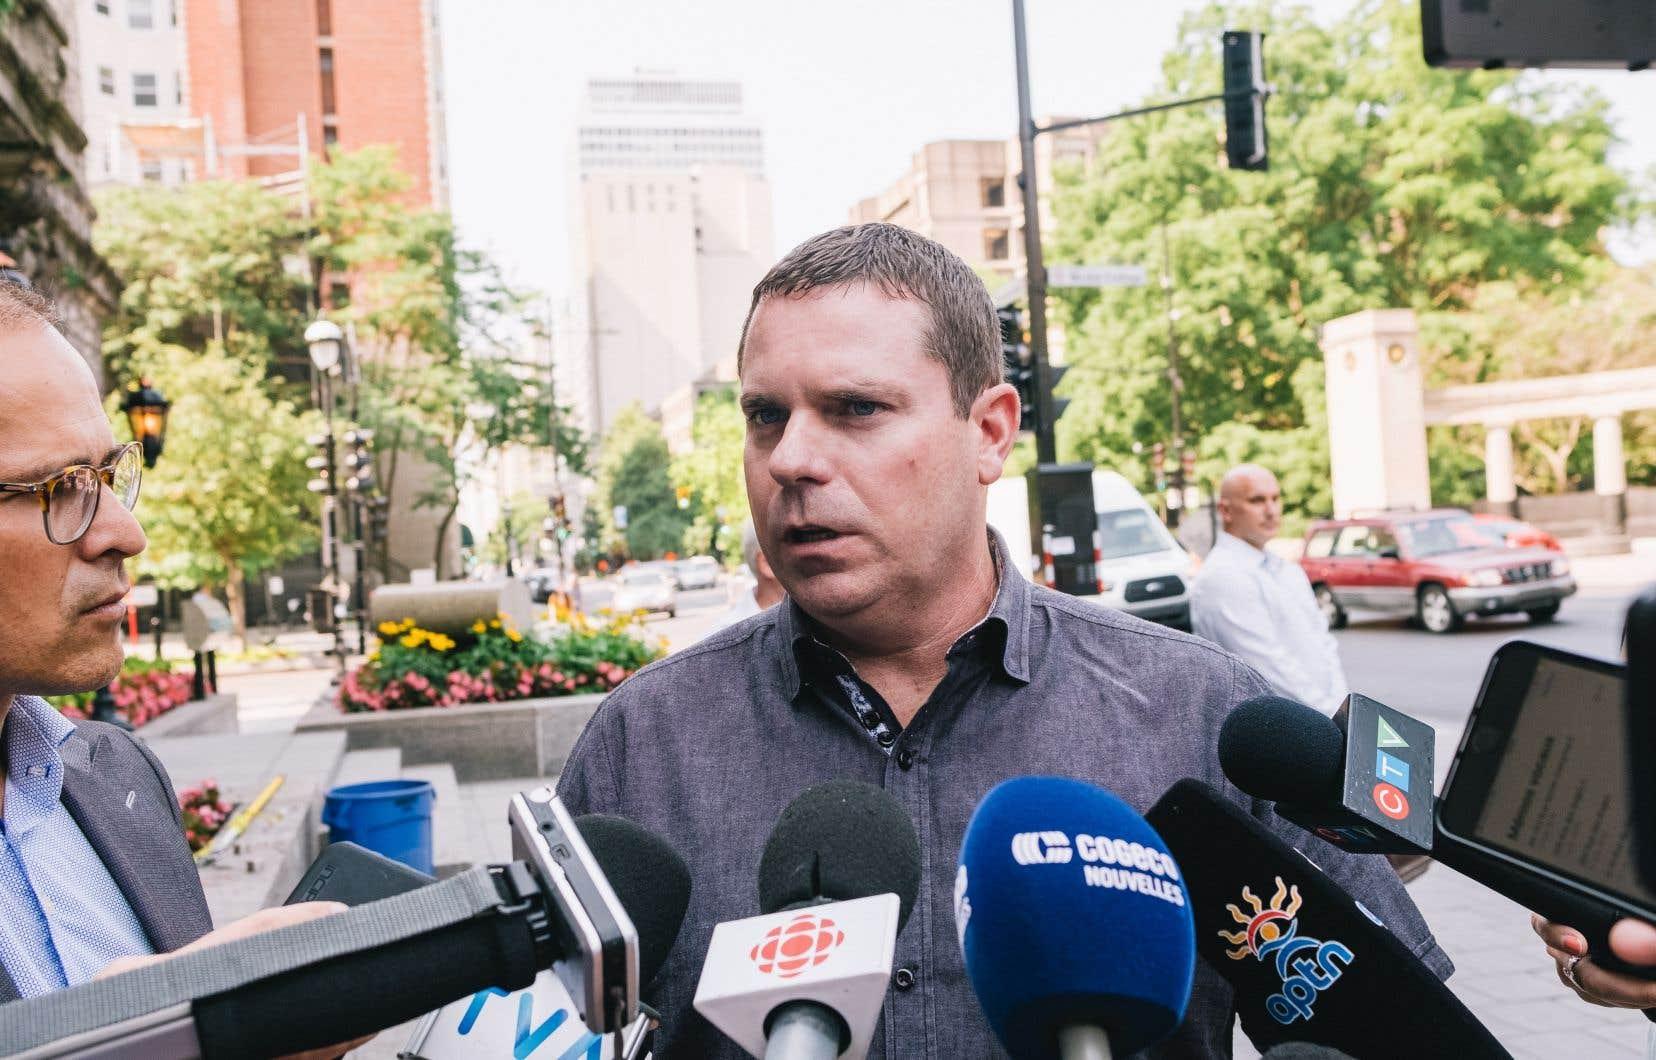 Le maire d'Oka, Pascal Quevillon, s'est opposé à la rétrocession de terrains aux Mohawks, disant craindre pour la pérennité de sa municipalité, située à l'ouest de Montréal.